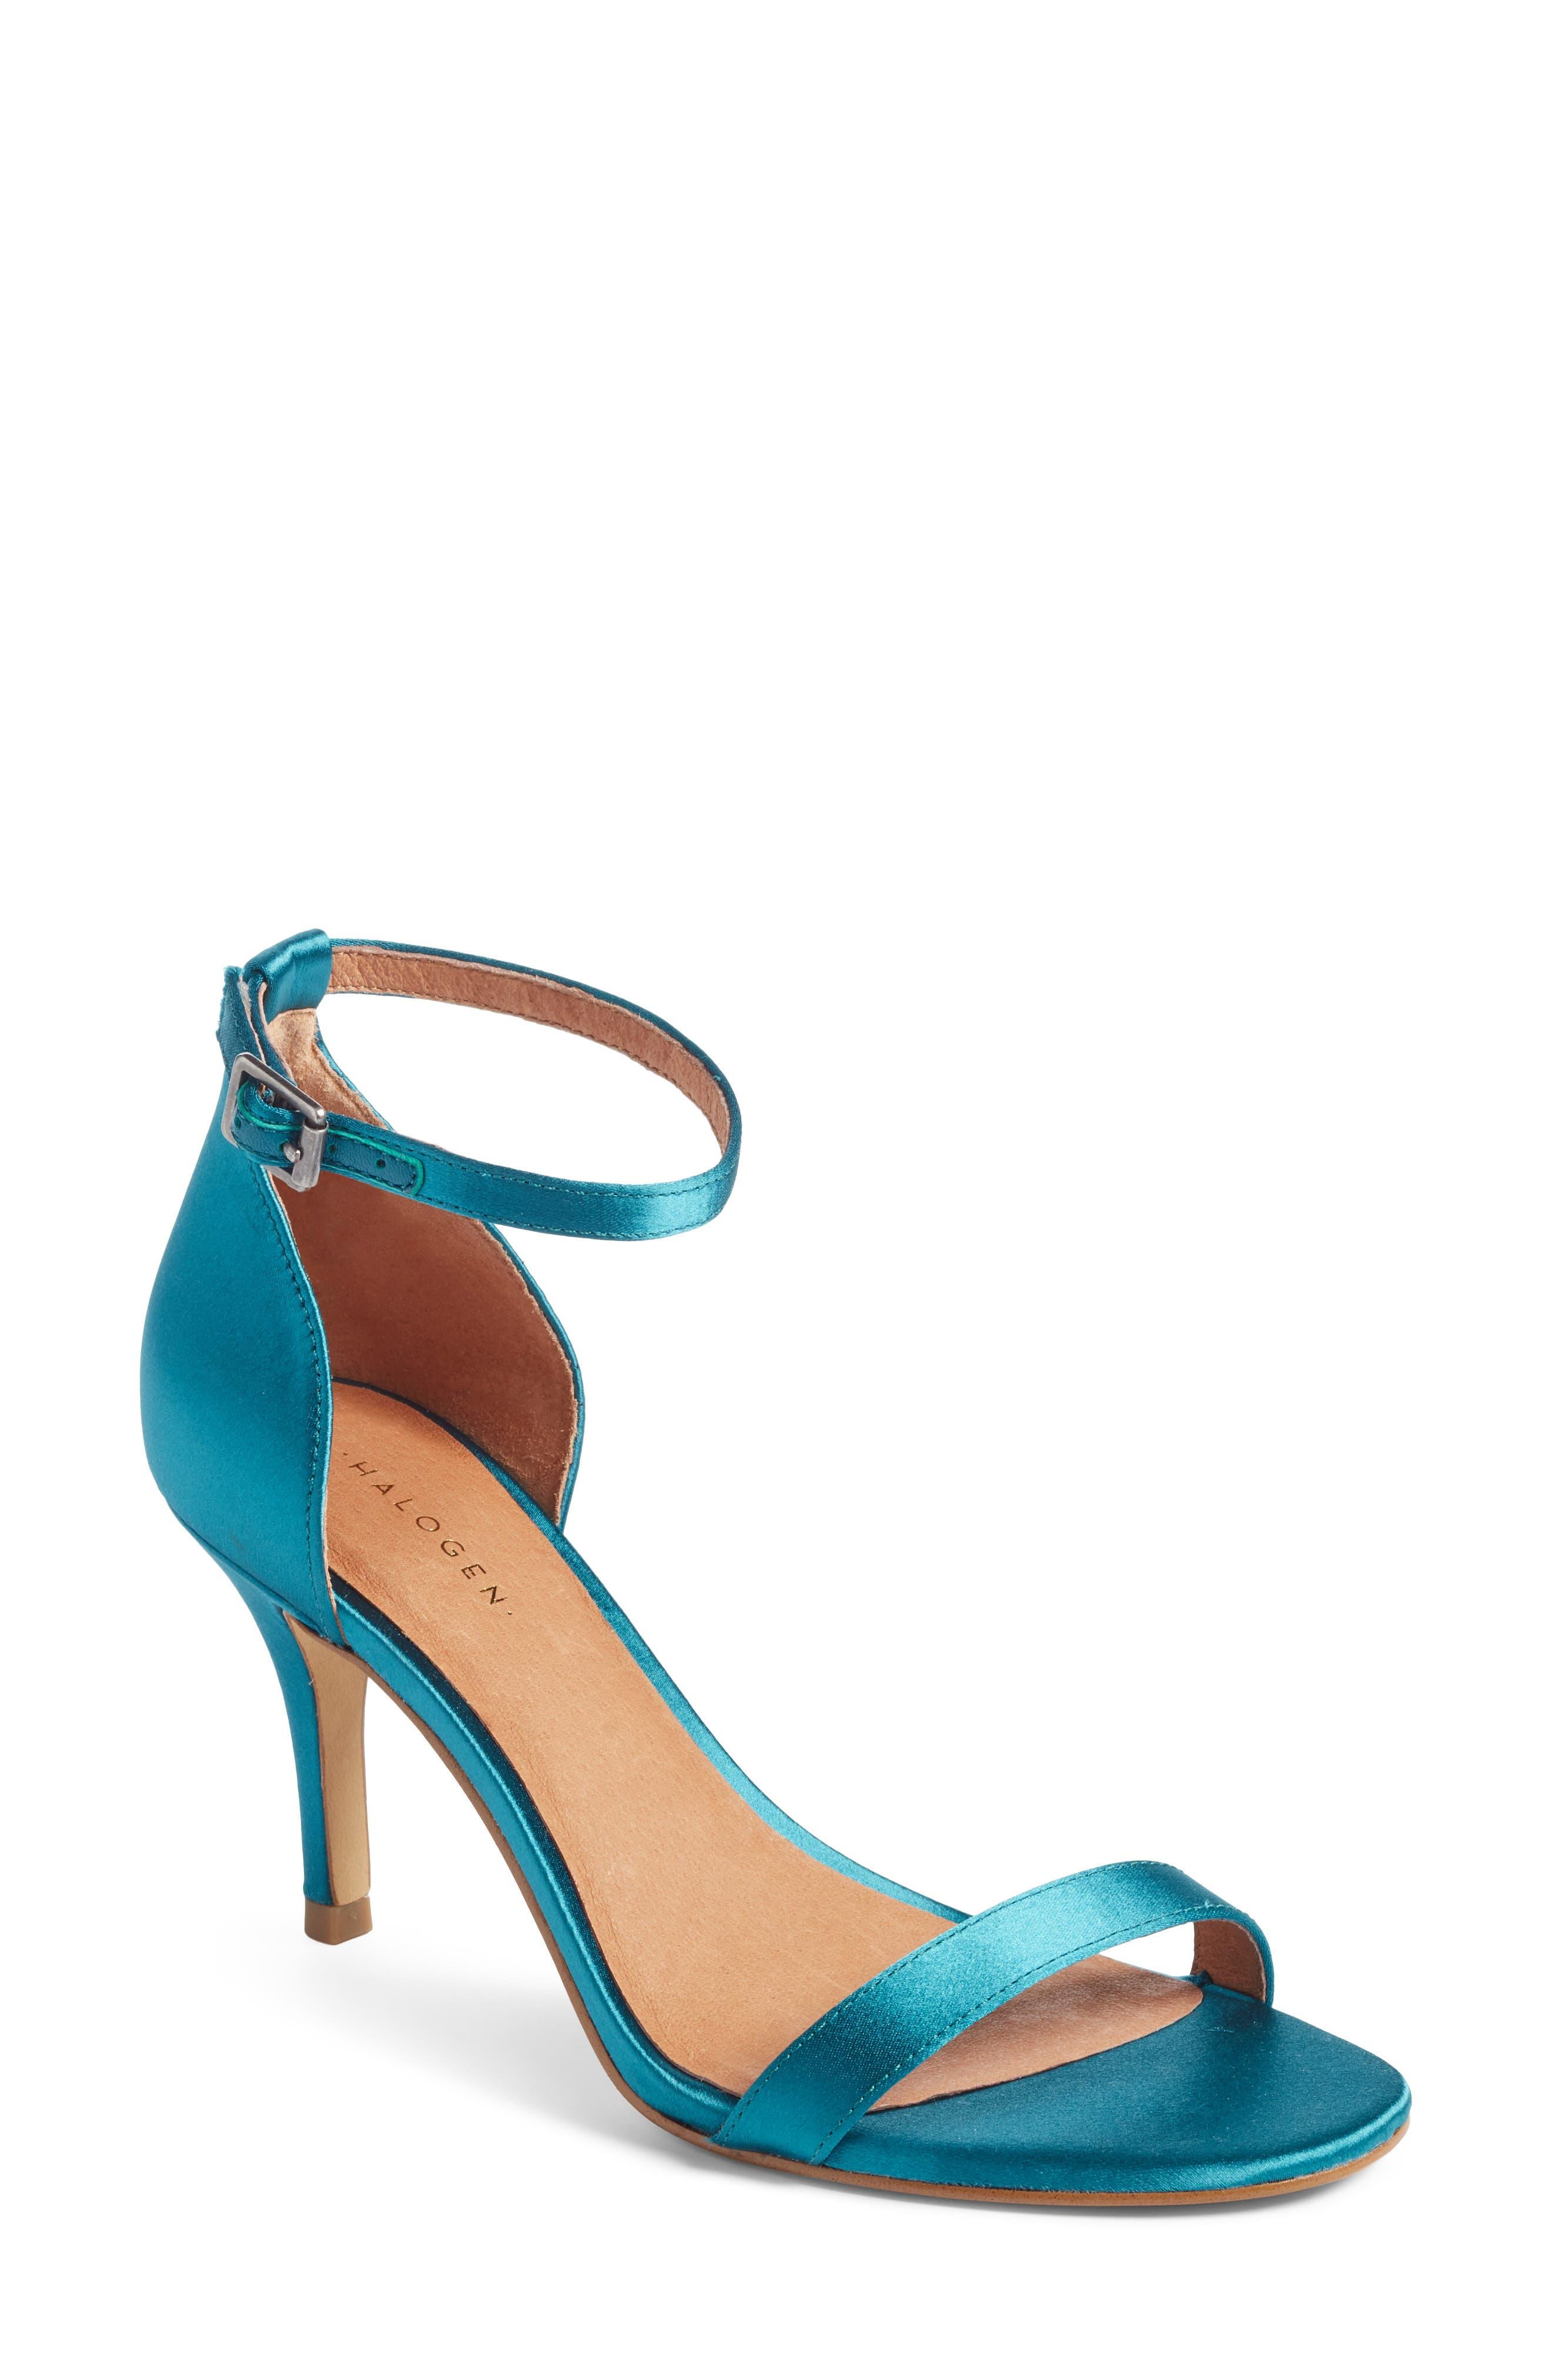 Audrey Ankle Strap Sandal,                             Main thumbnail 10, color,